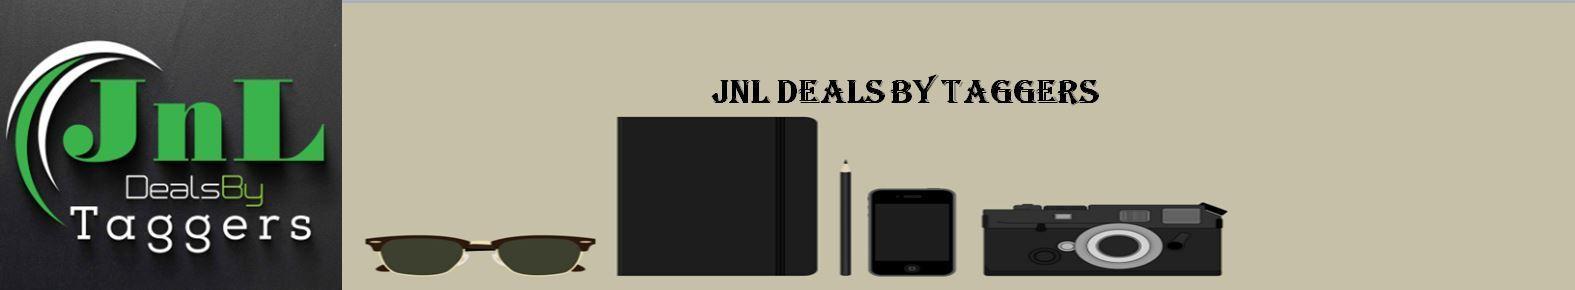 JnLDealsbyTaggers LLC